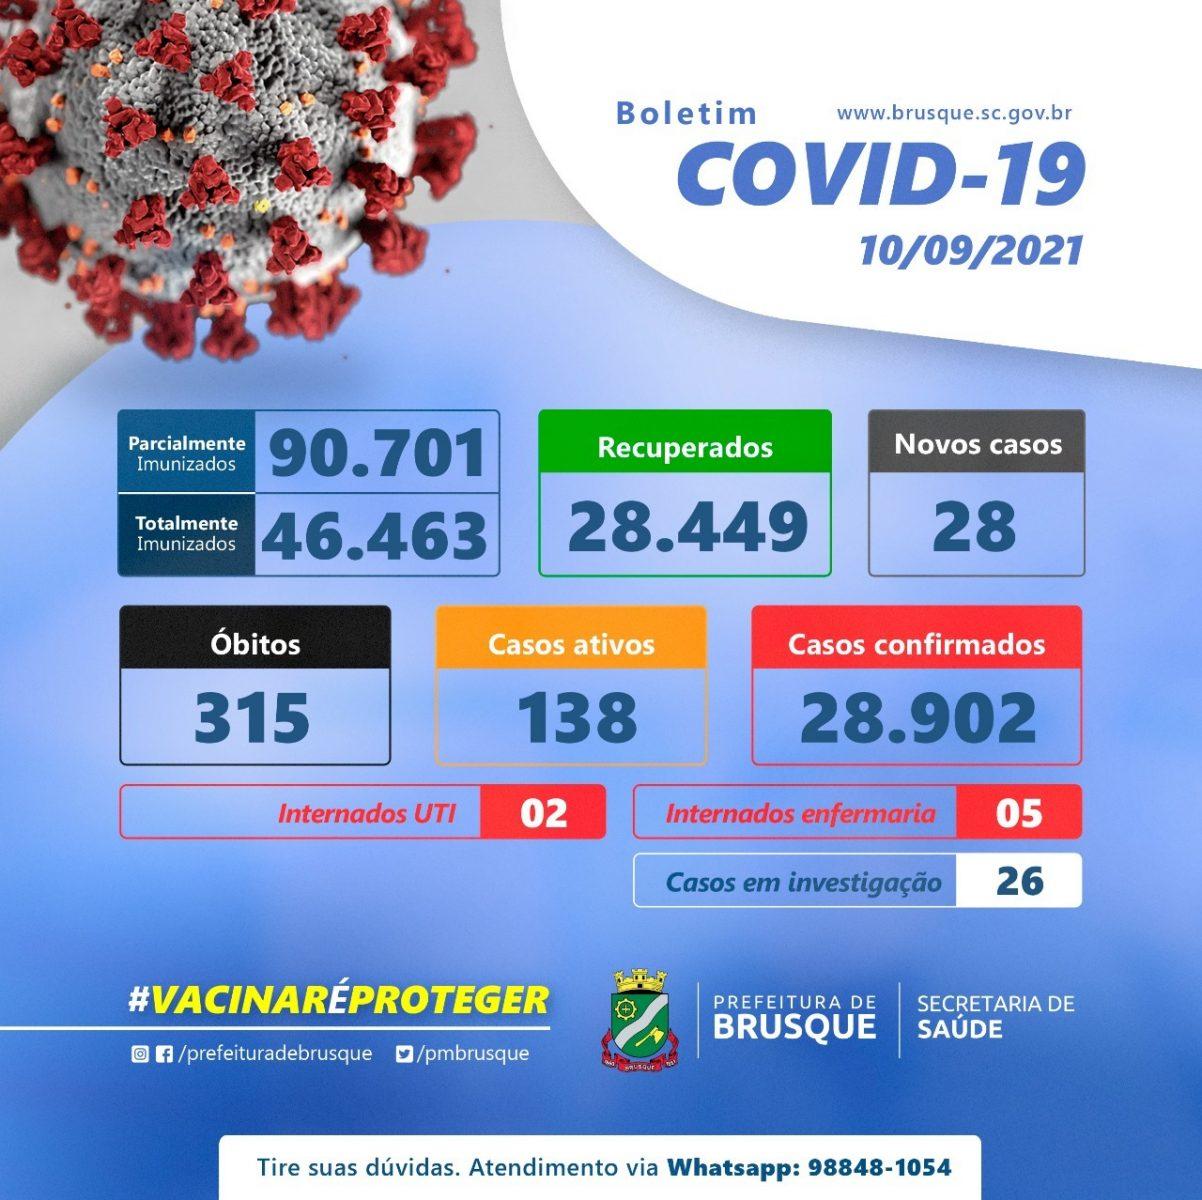 Covid-19: Brusque possui 138 casos ativos de Coronavírus